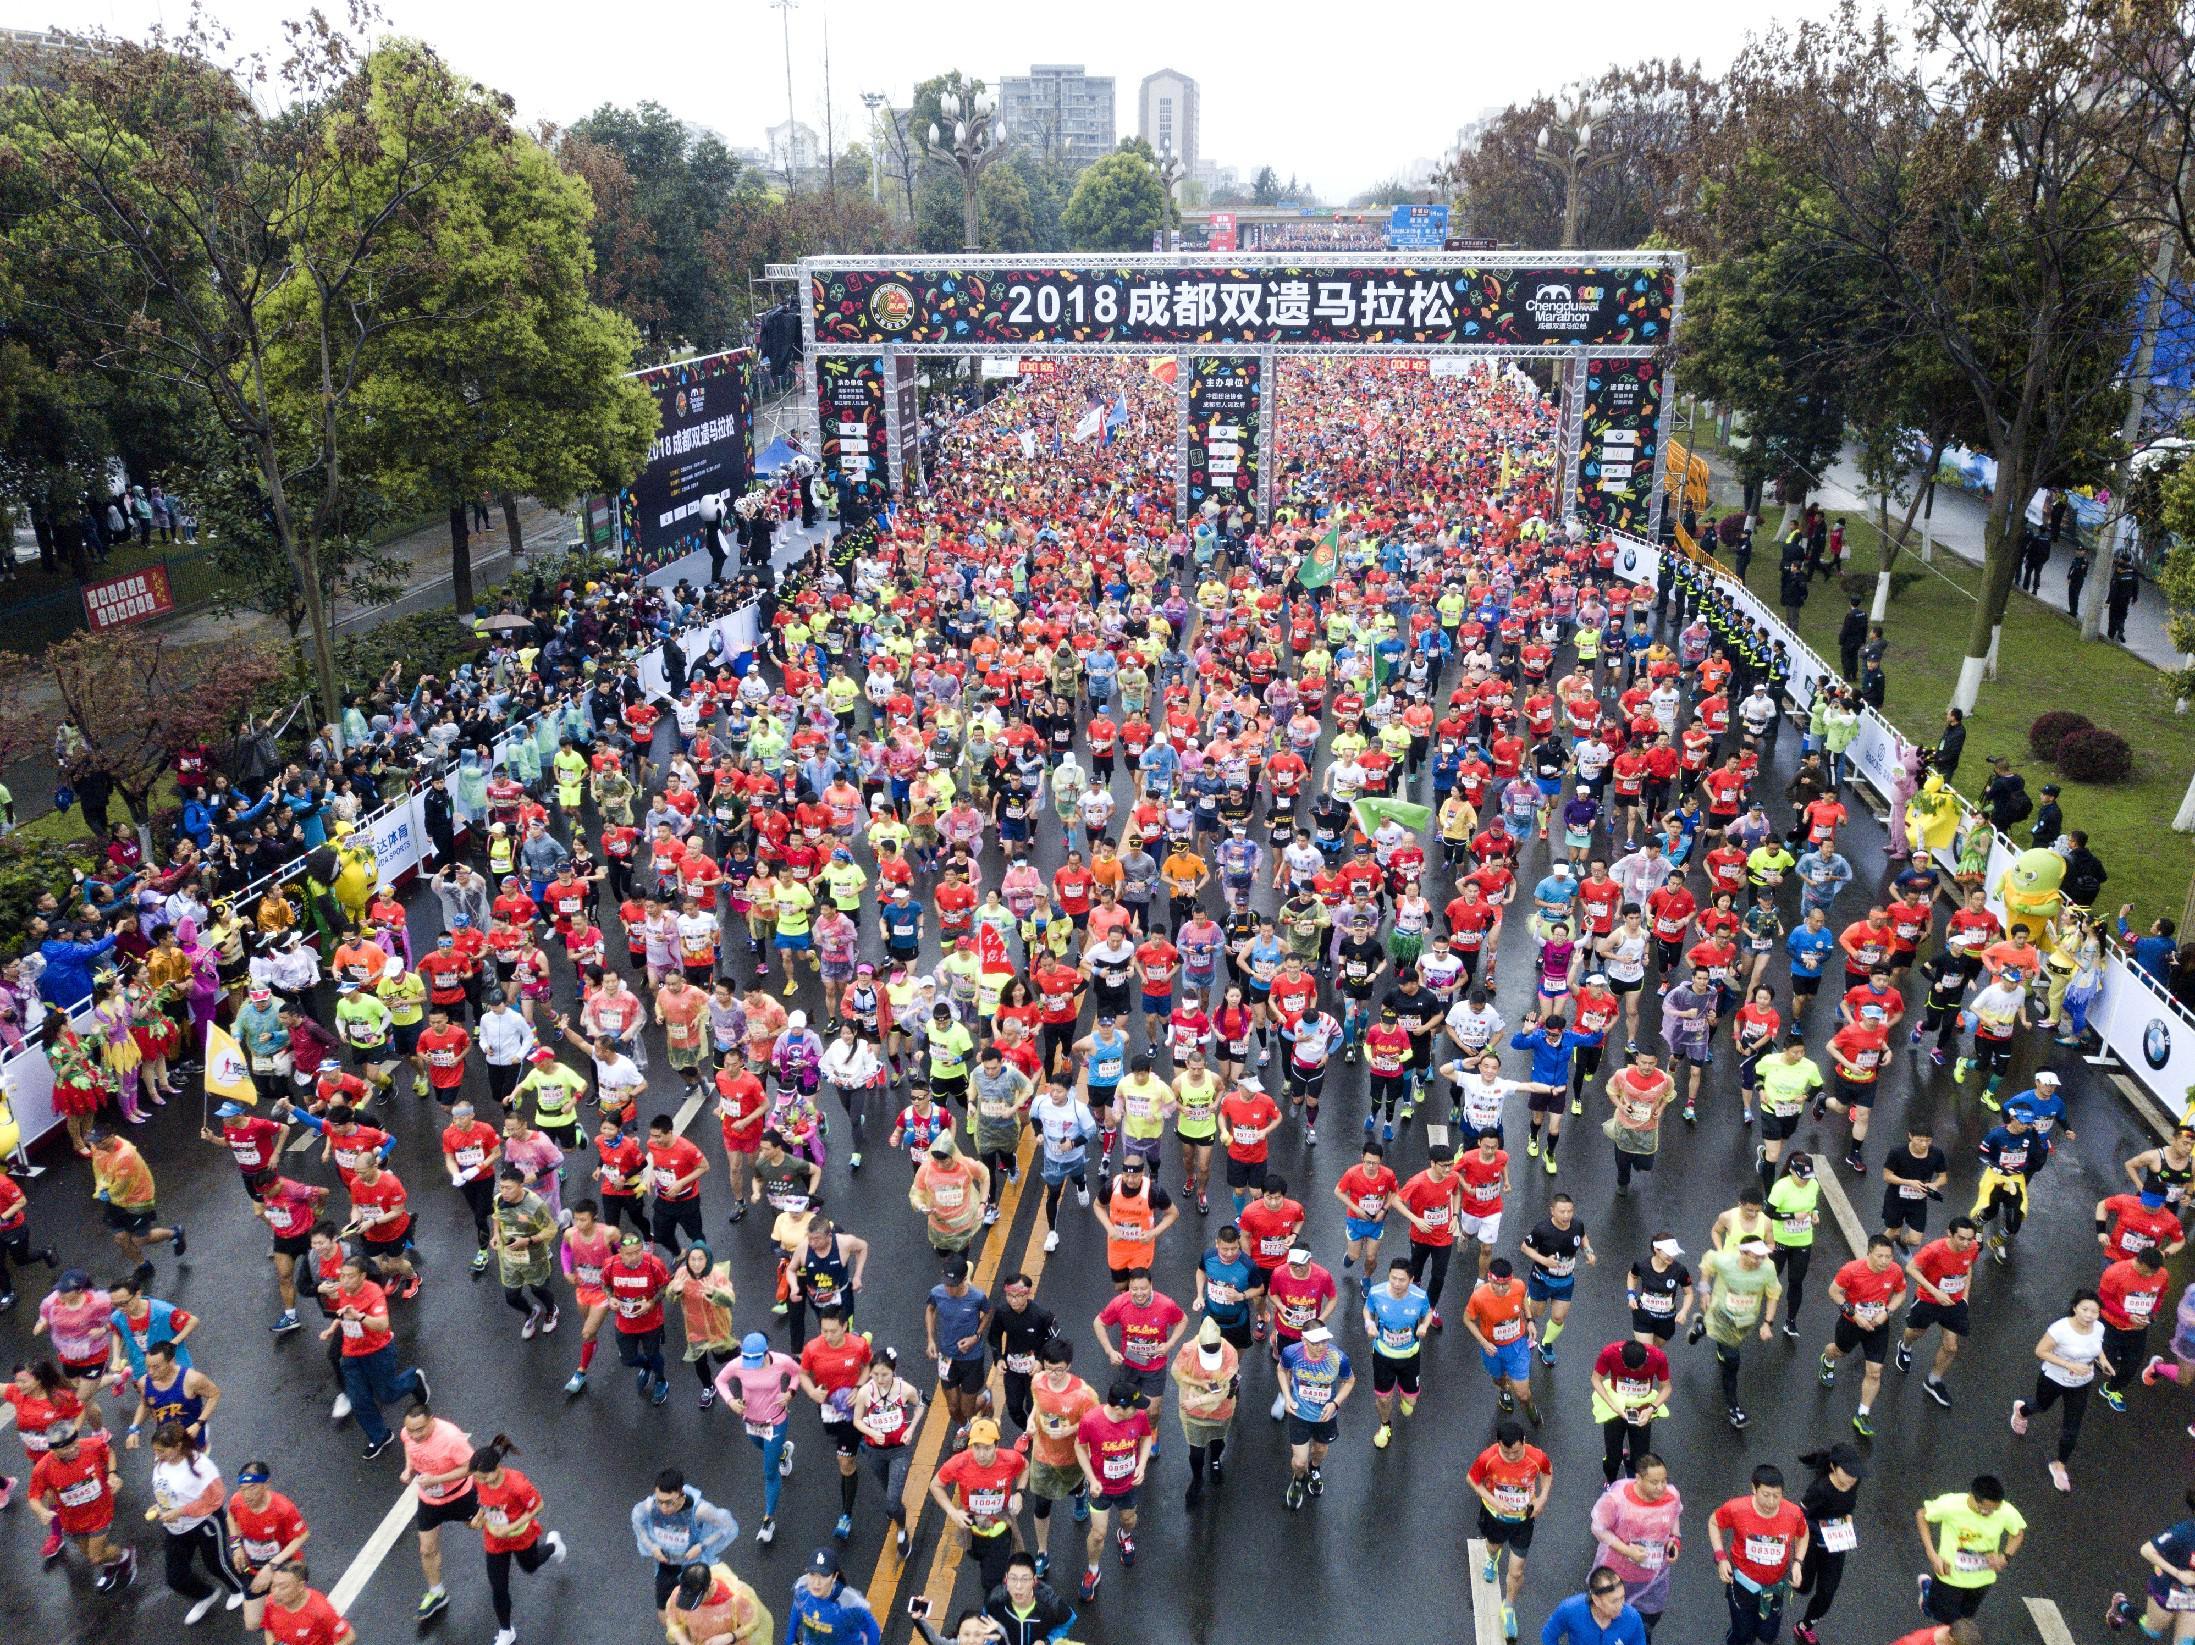 三万人共享世界双遗 2018成都双遗马拉松圆满落幕